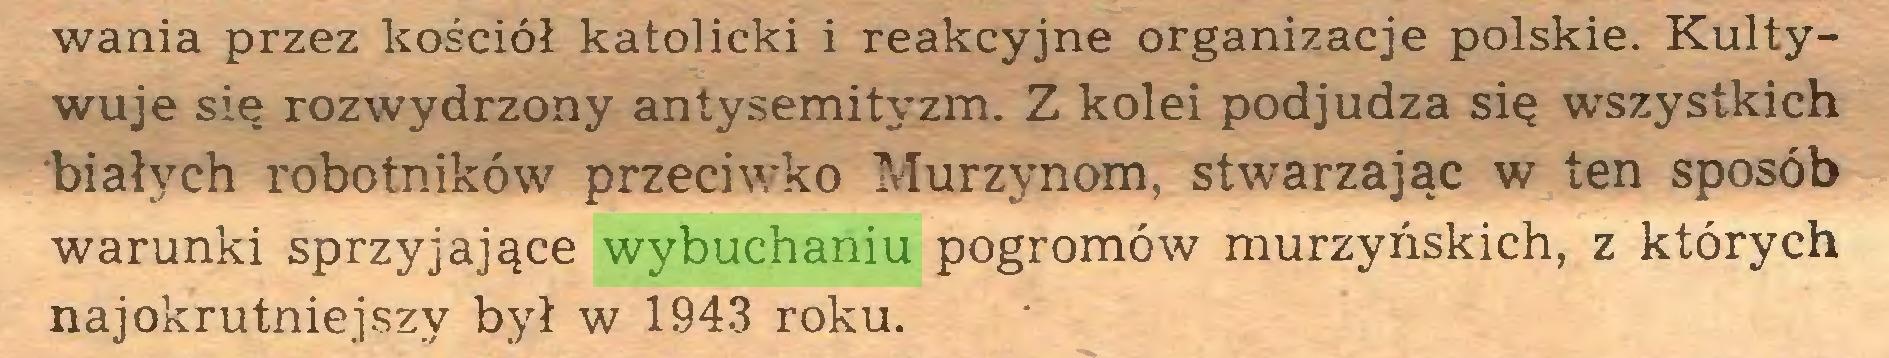 (...) wania przez kościół katolicki i reakcyjne organizacje polskie. Kultywuje się rozwydrzony antysemityzm. Z kolei podjudza się wszystkich białych robotników przeciwko Murzynom, stwarzając w ten sposób warunki sprzyjające wybuchaniu pogromów murzyńskich, z których najokrutniejszy był w 1943 roku...